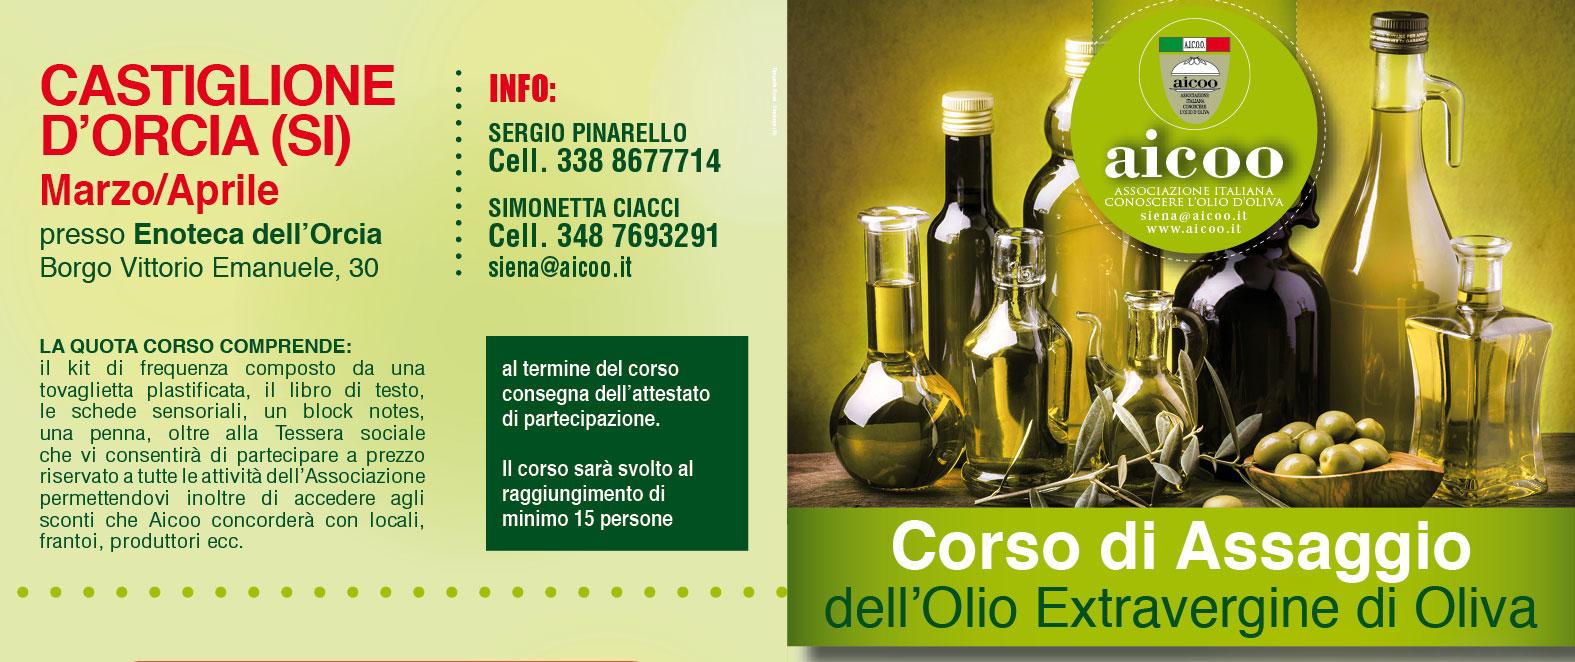 Corso – Assaggio Olio Extravergine – Castiglion d'Orcia (SI)